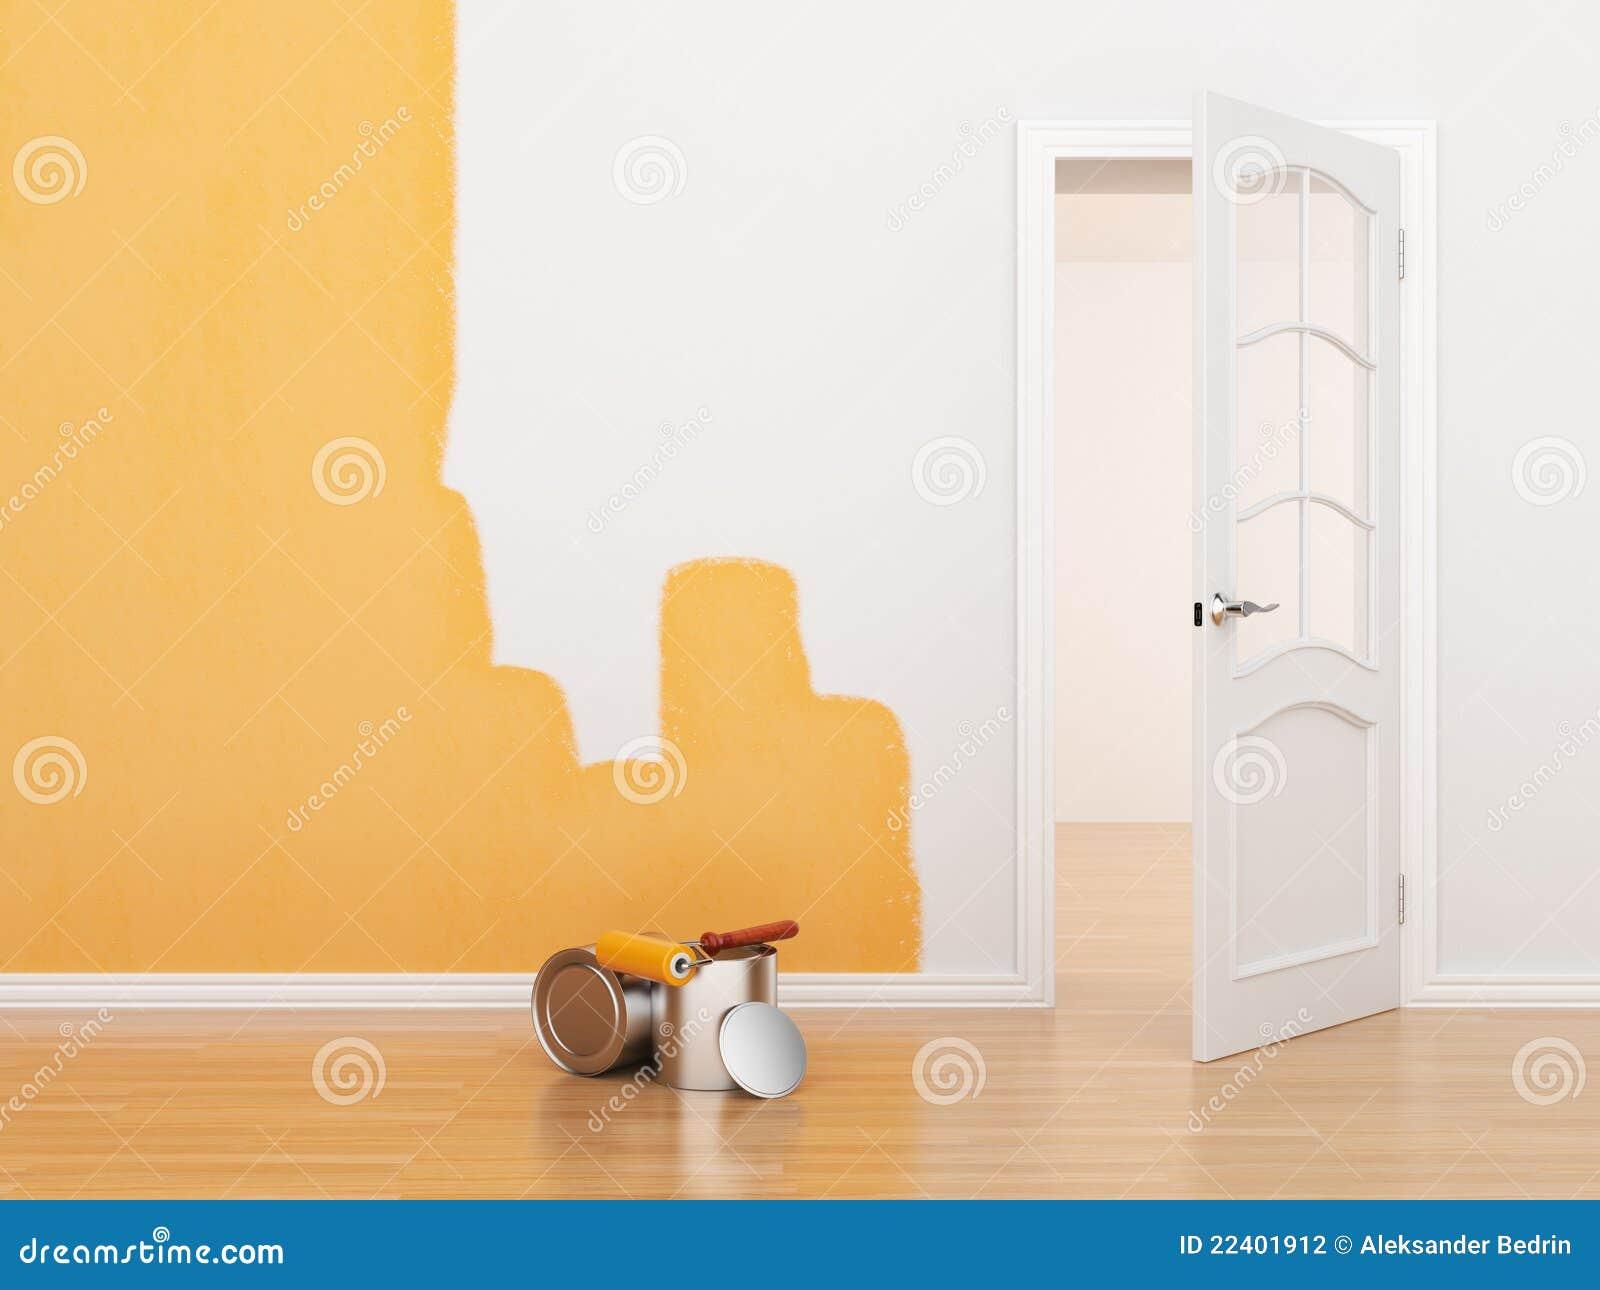 Peinture d 39 une salle vide maison de r novation 3d photographie stock - Peinture d une maison ...